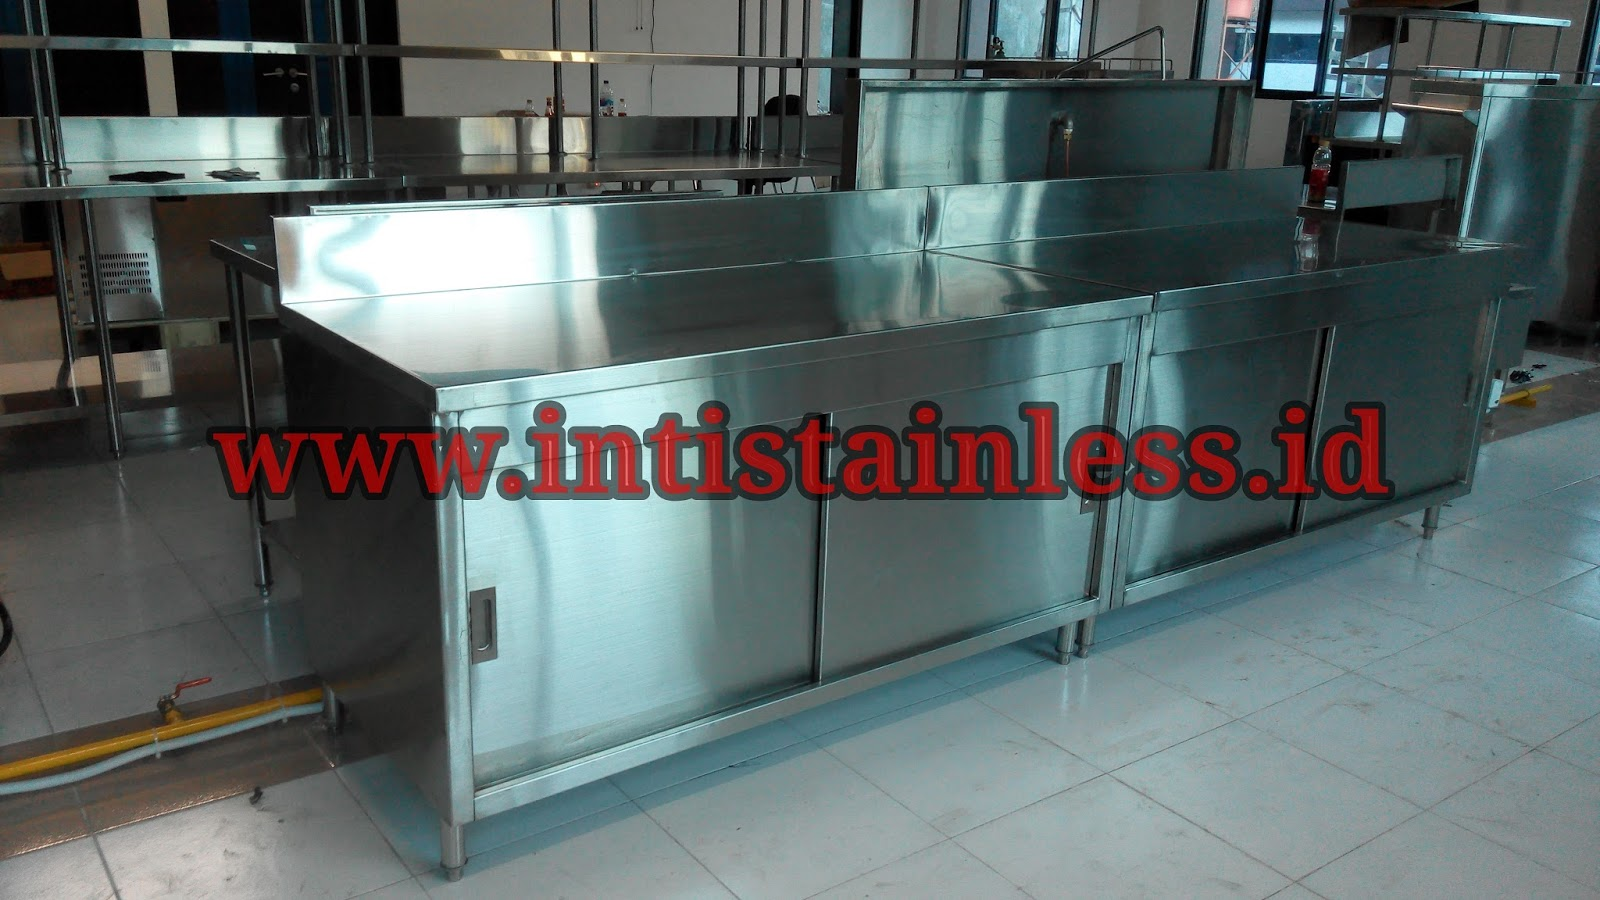 Jual Kitchen Set Stainless Meja Cabinet Lemari Obat Rumah Sakit Makanan Restoran Kabinet